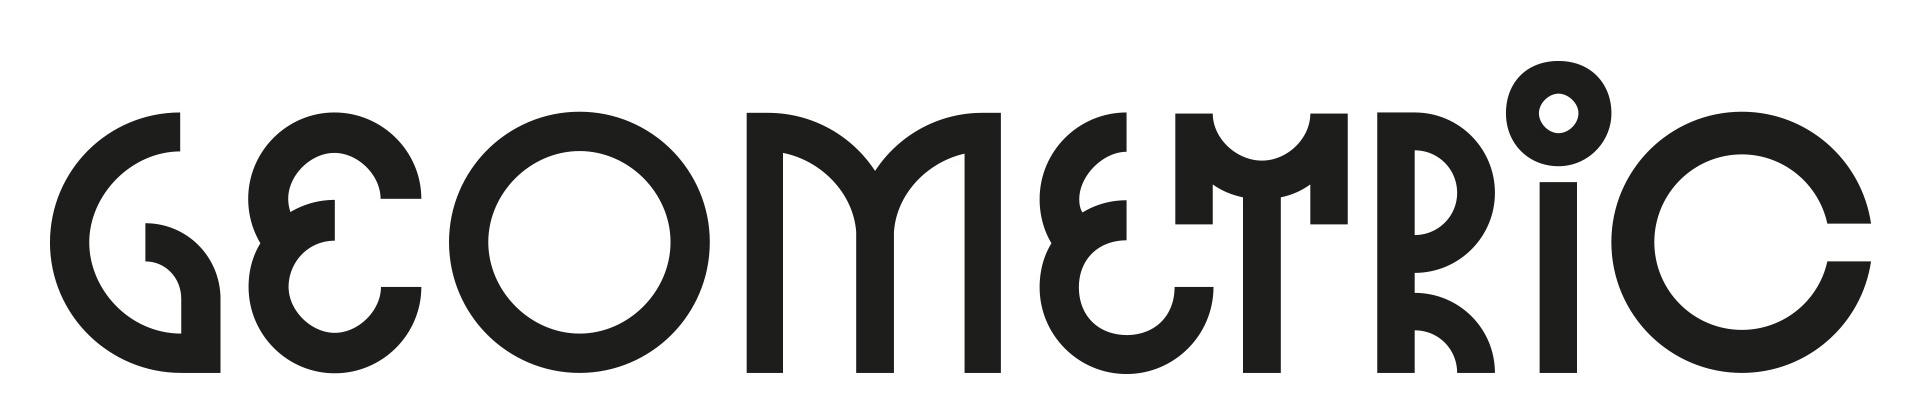 Martin Gnadt — Kommunikationsdesign KARL-ERNST